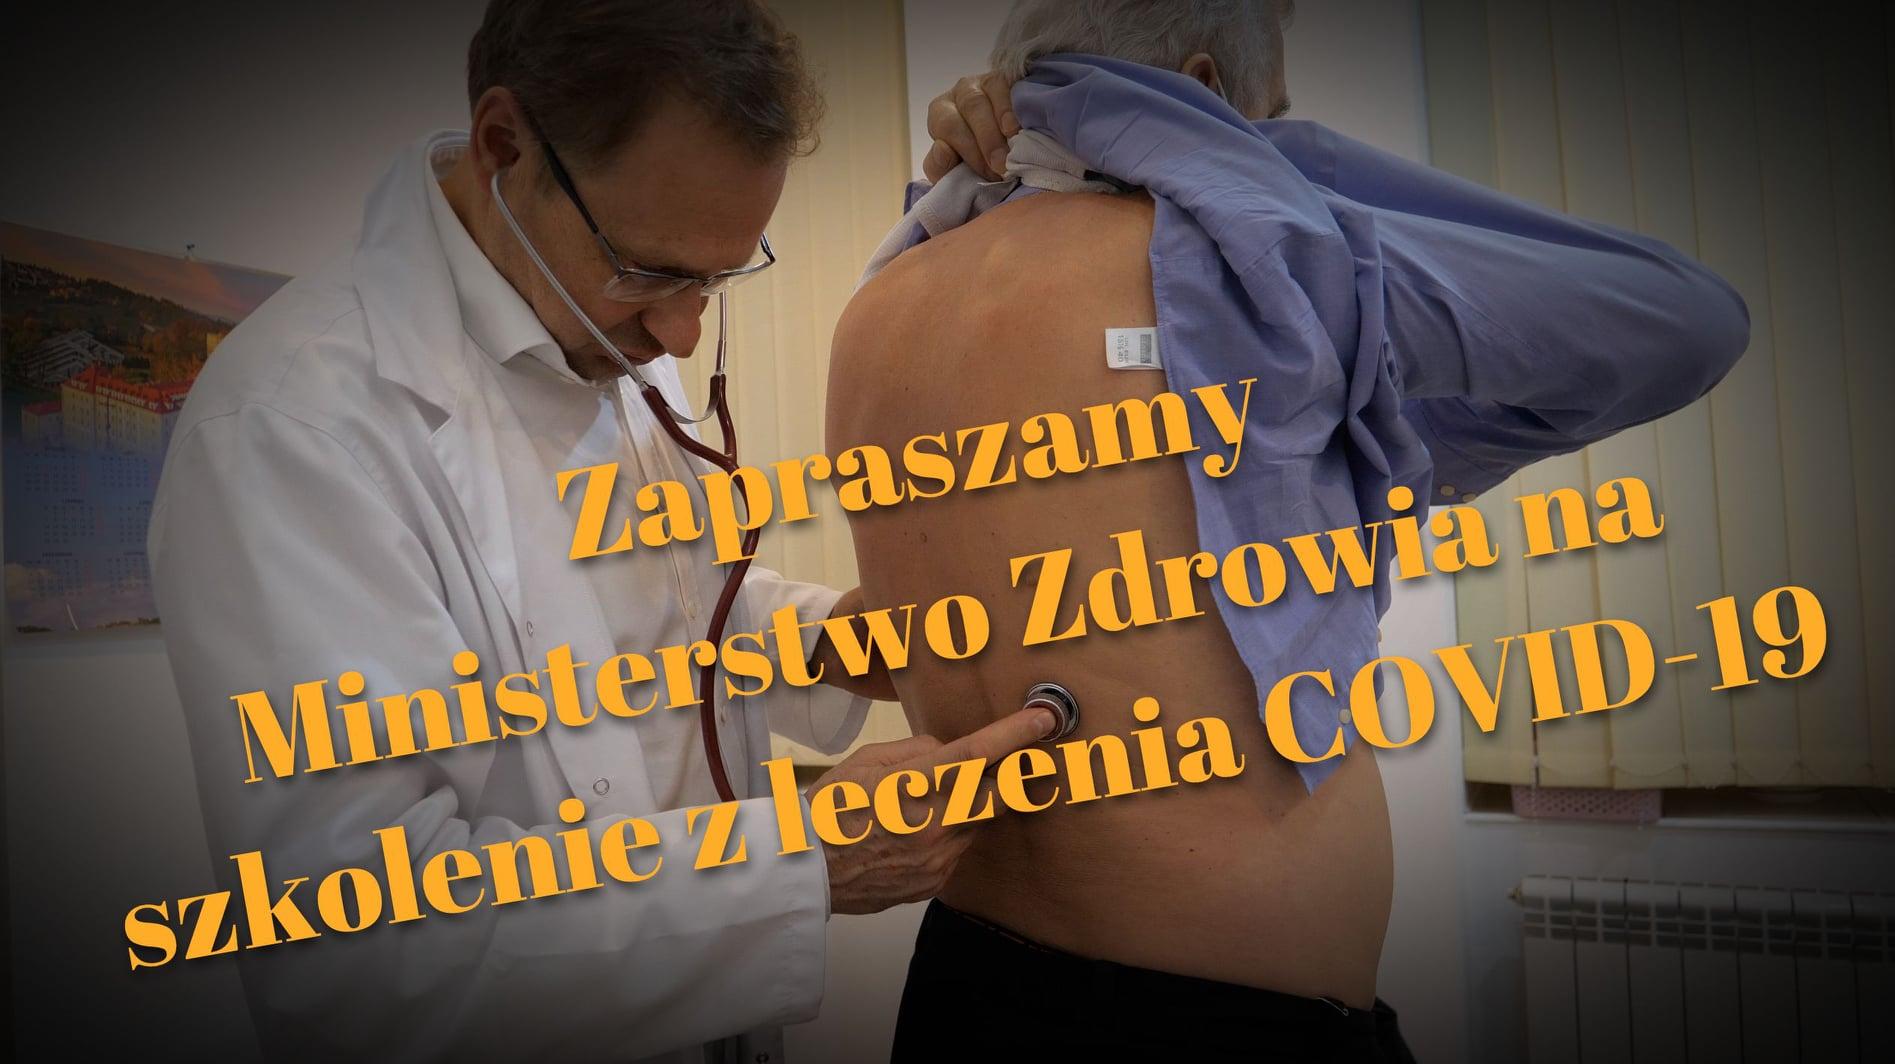 Czy dr Włodzimierz Bodnar będzie miał KŁOPOTY? Nowe fakty o jego terapii COVID-19! - Zdjęcie główne